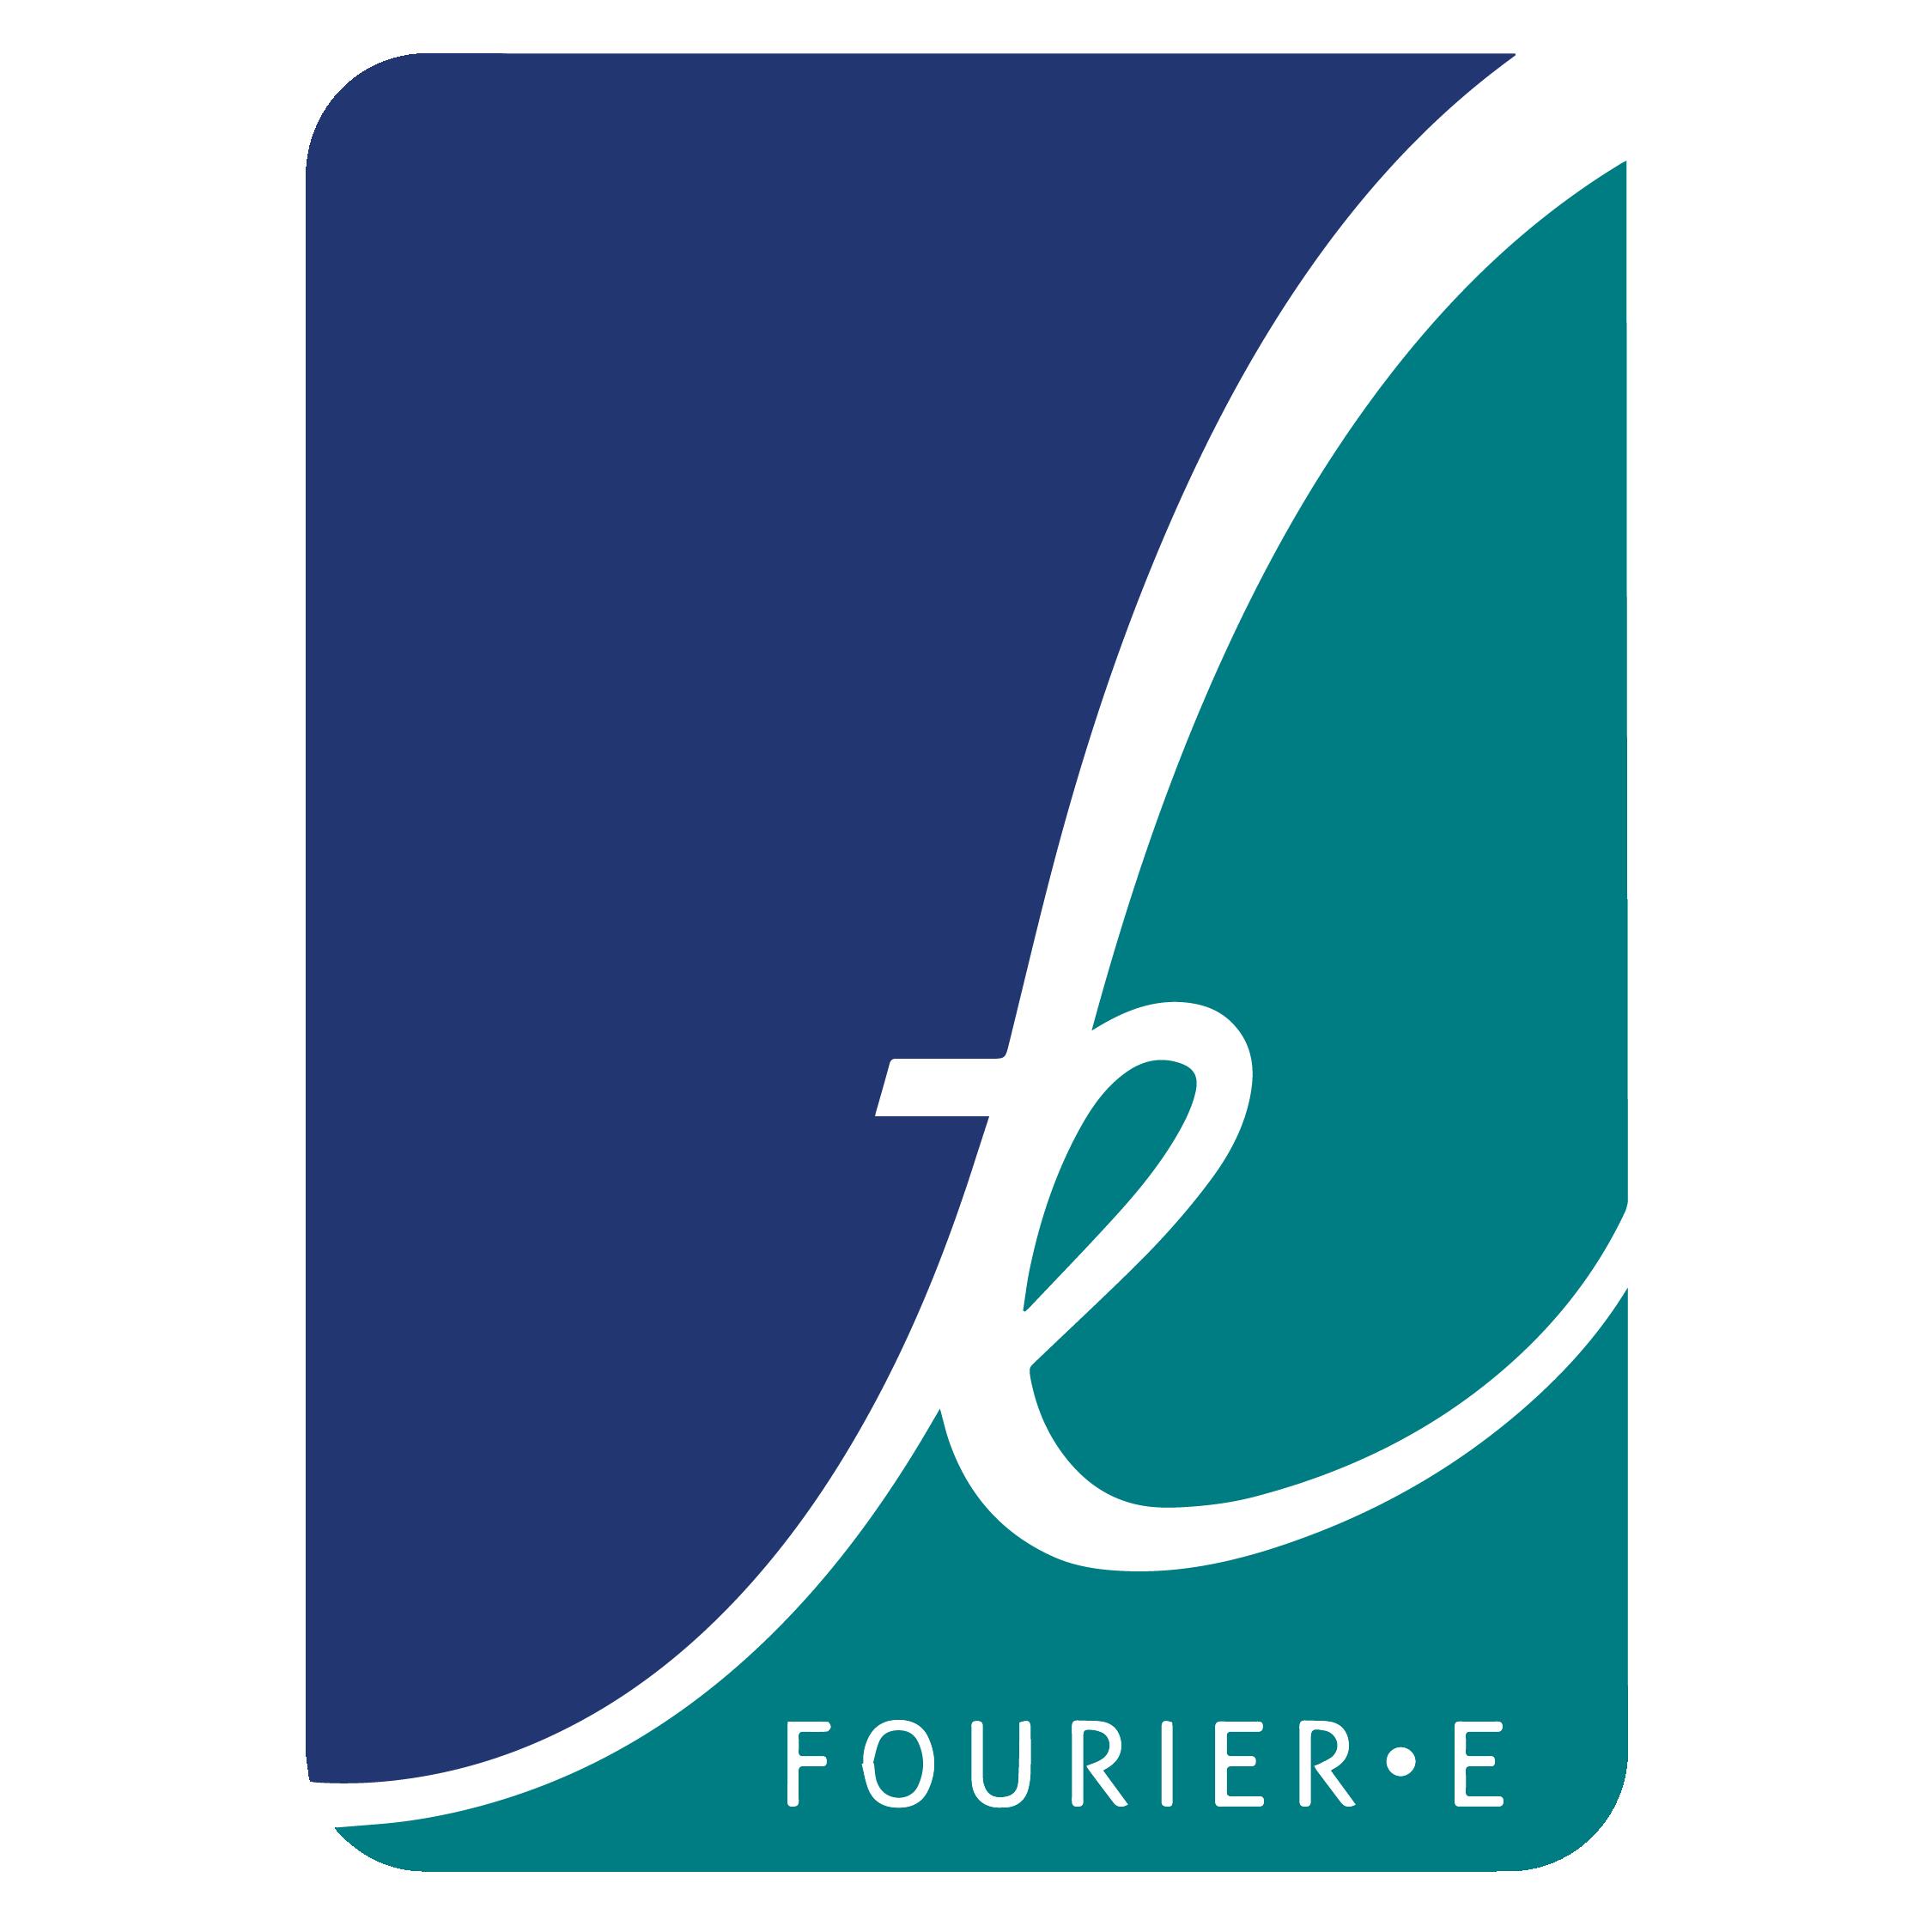 Fourier-E